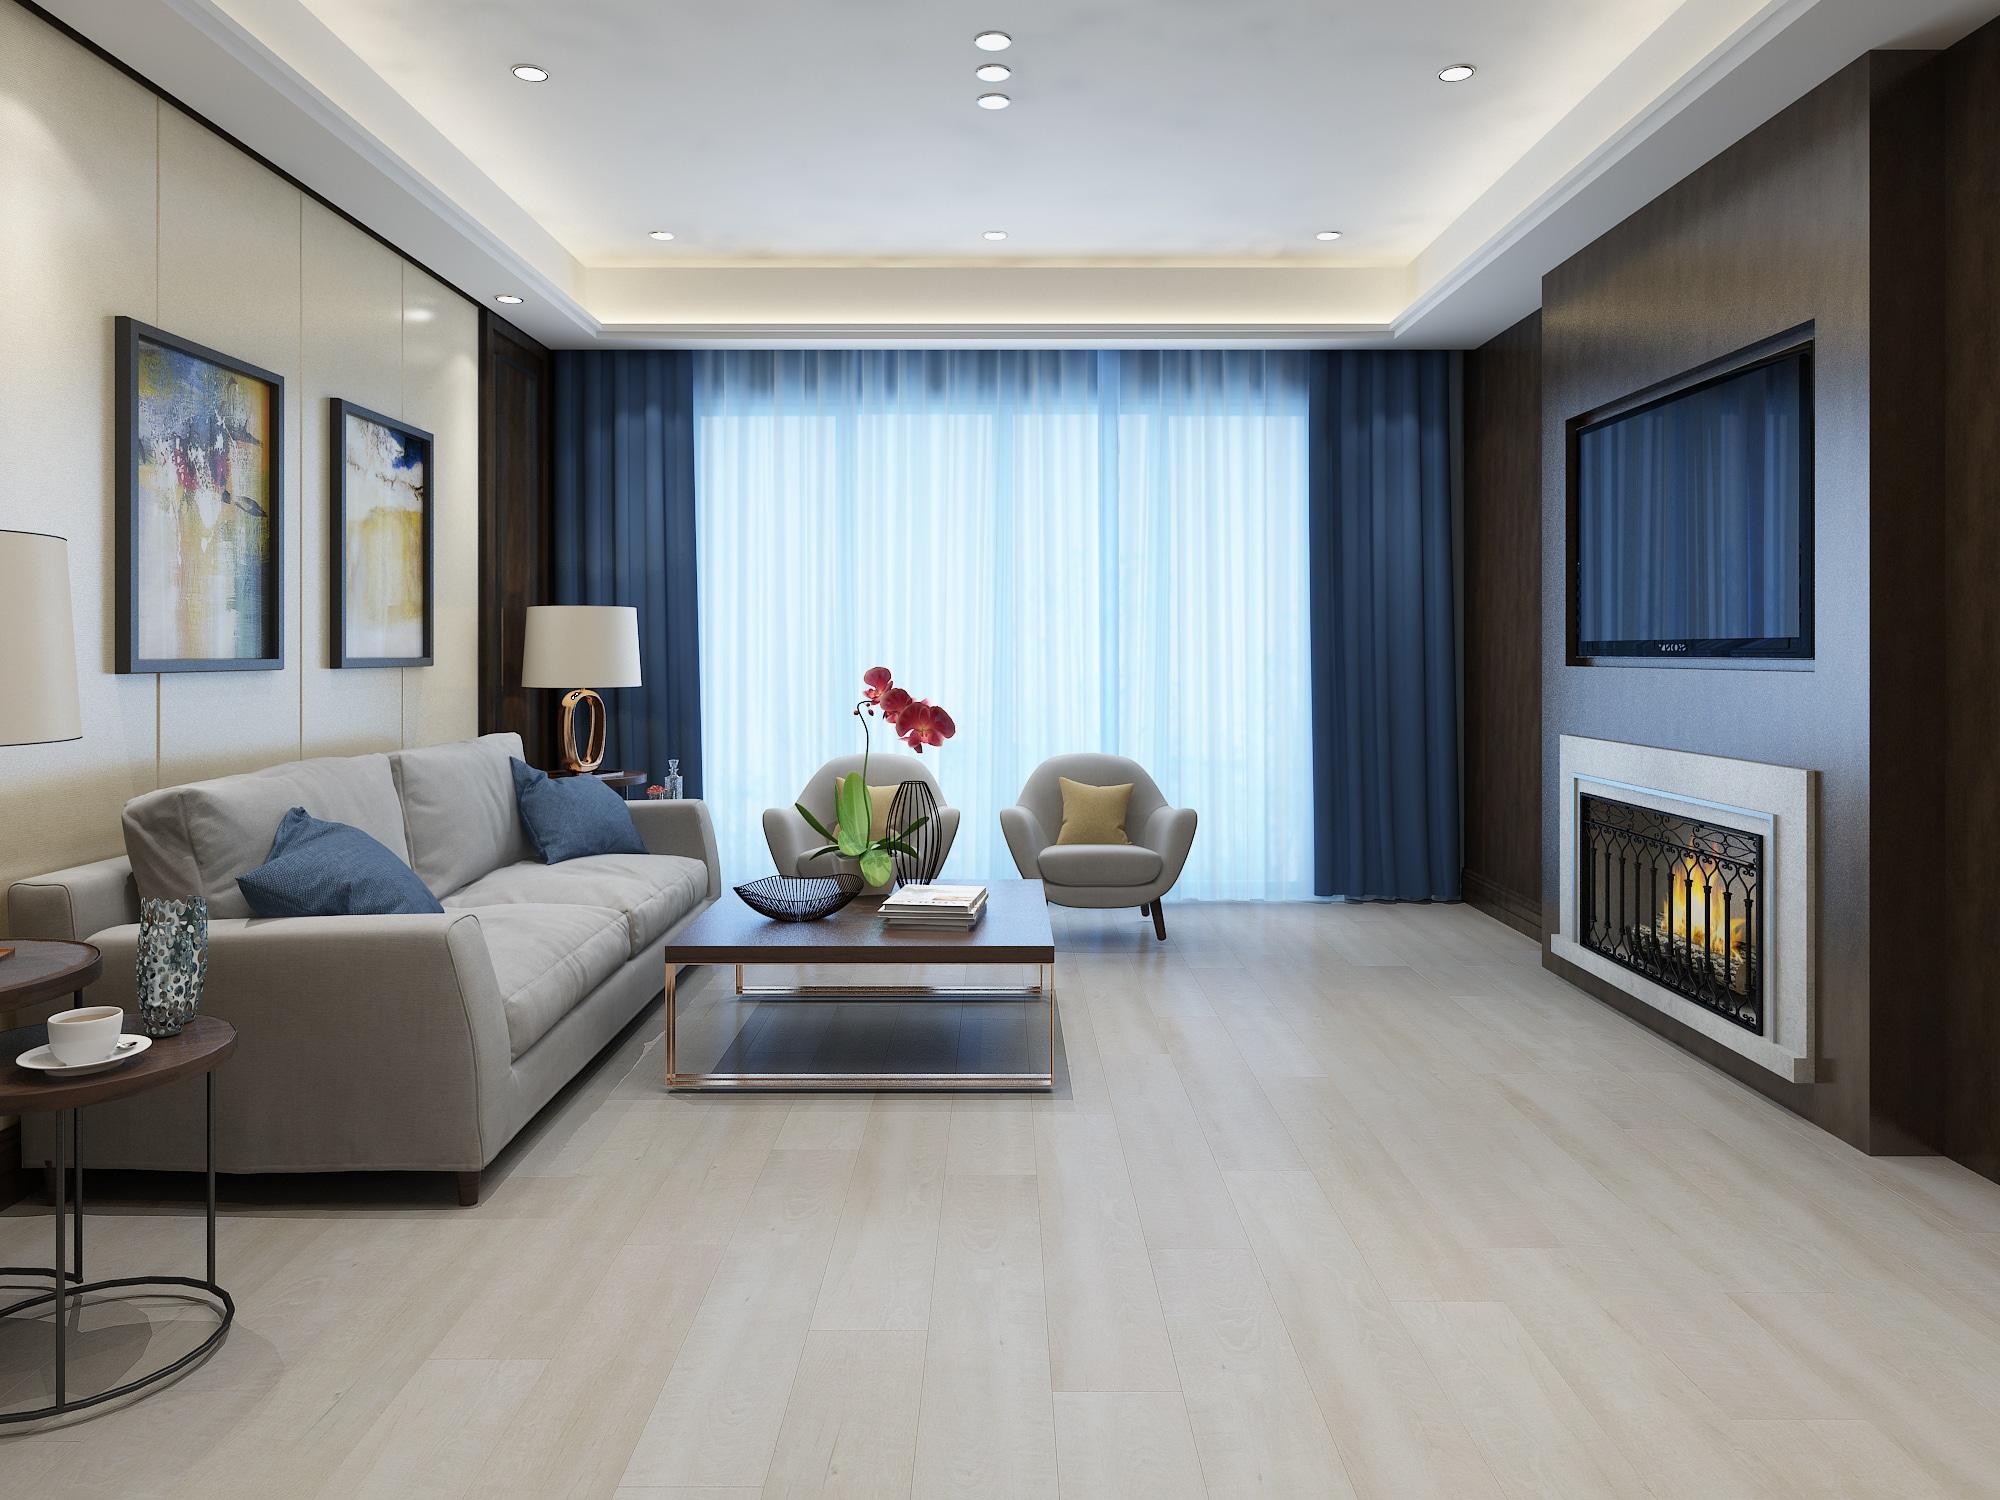 floor parkay weave ltd floors exquisite woods parquet link